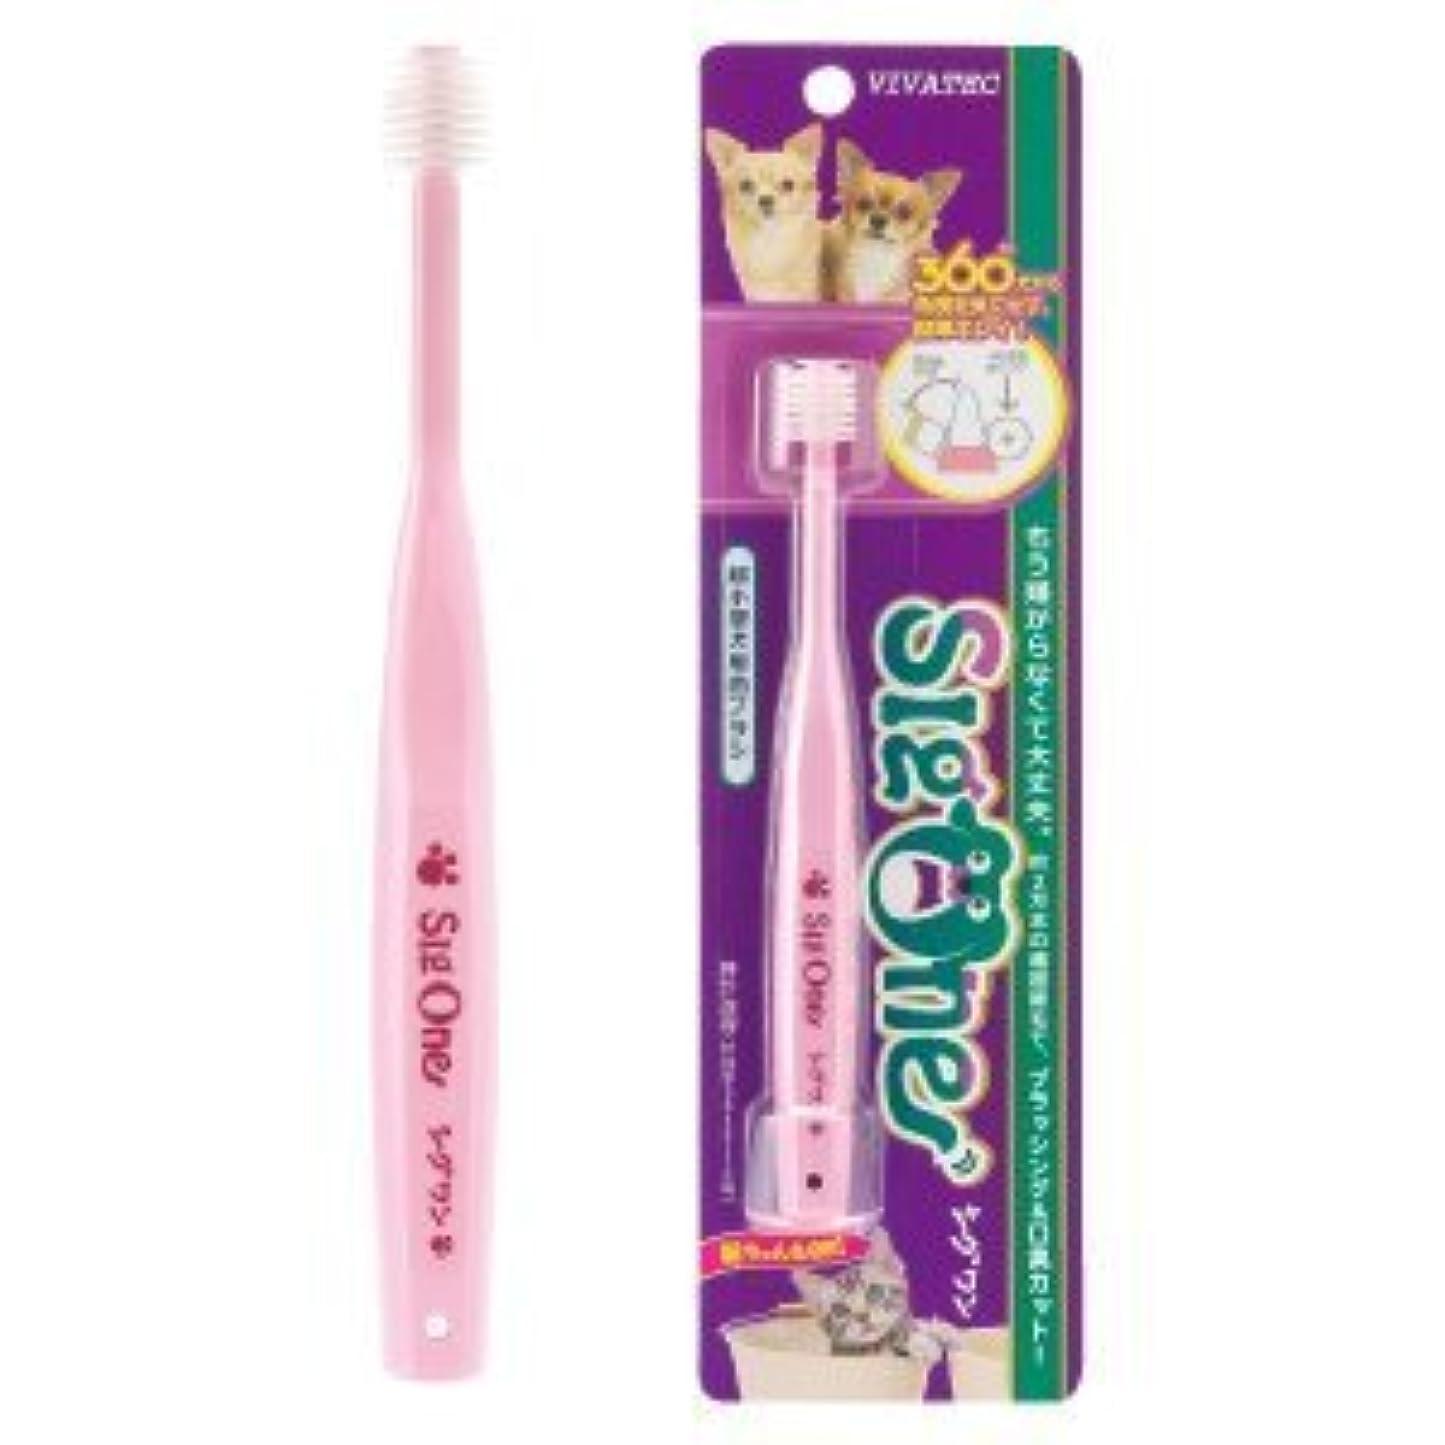 成長直径精算シグワン 超小型犬用歯ブラシ 1本